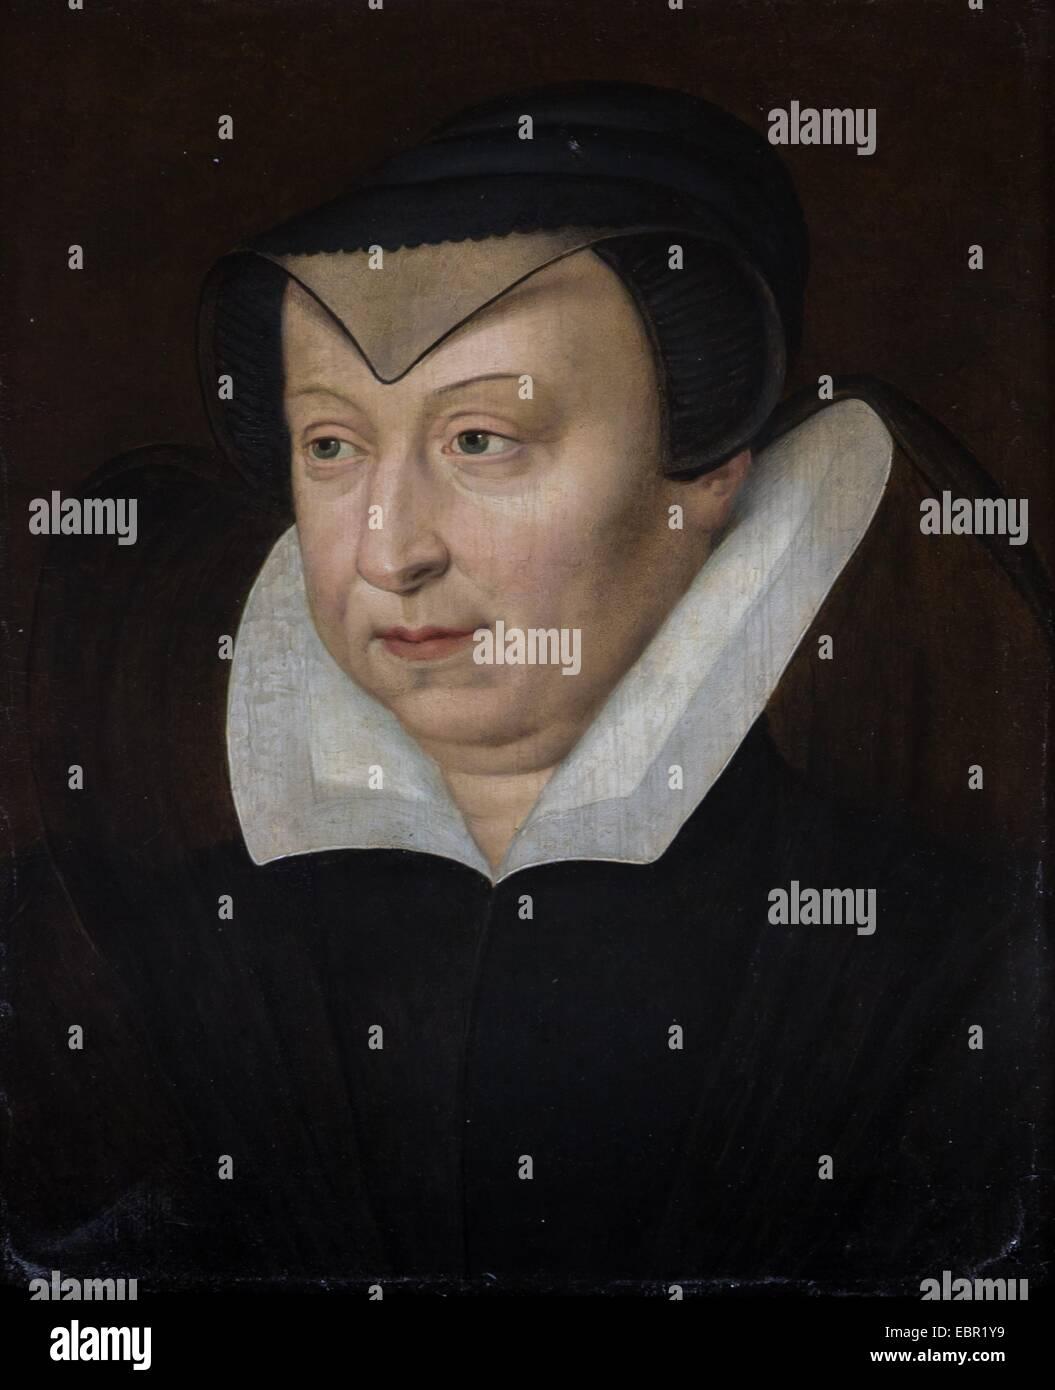 ActiveMuseum_0001915.jpg / Catherine de Medici, Ehefrau von König Henry II., Königin von Frankreich, ca. 1570 26/09/2013 Stockfoto